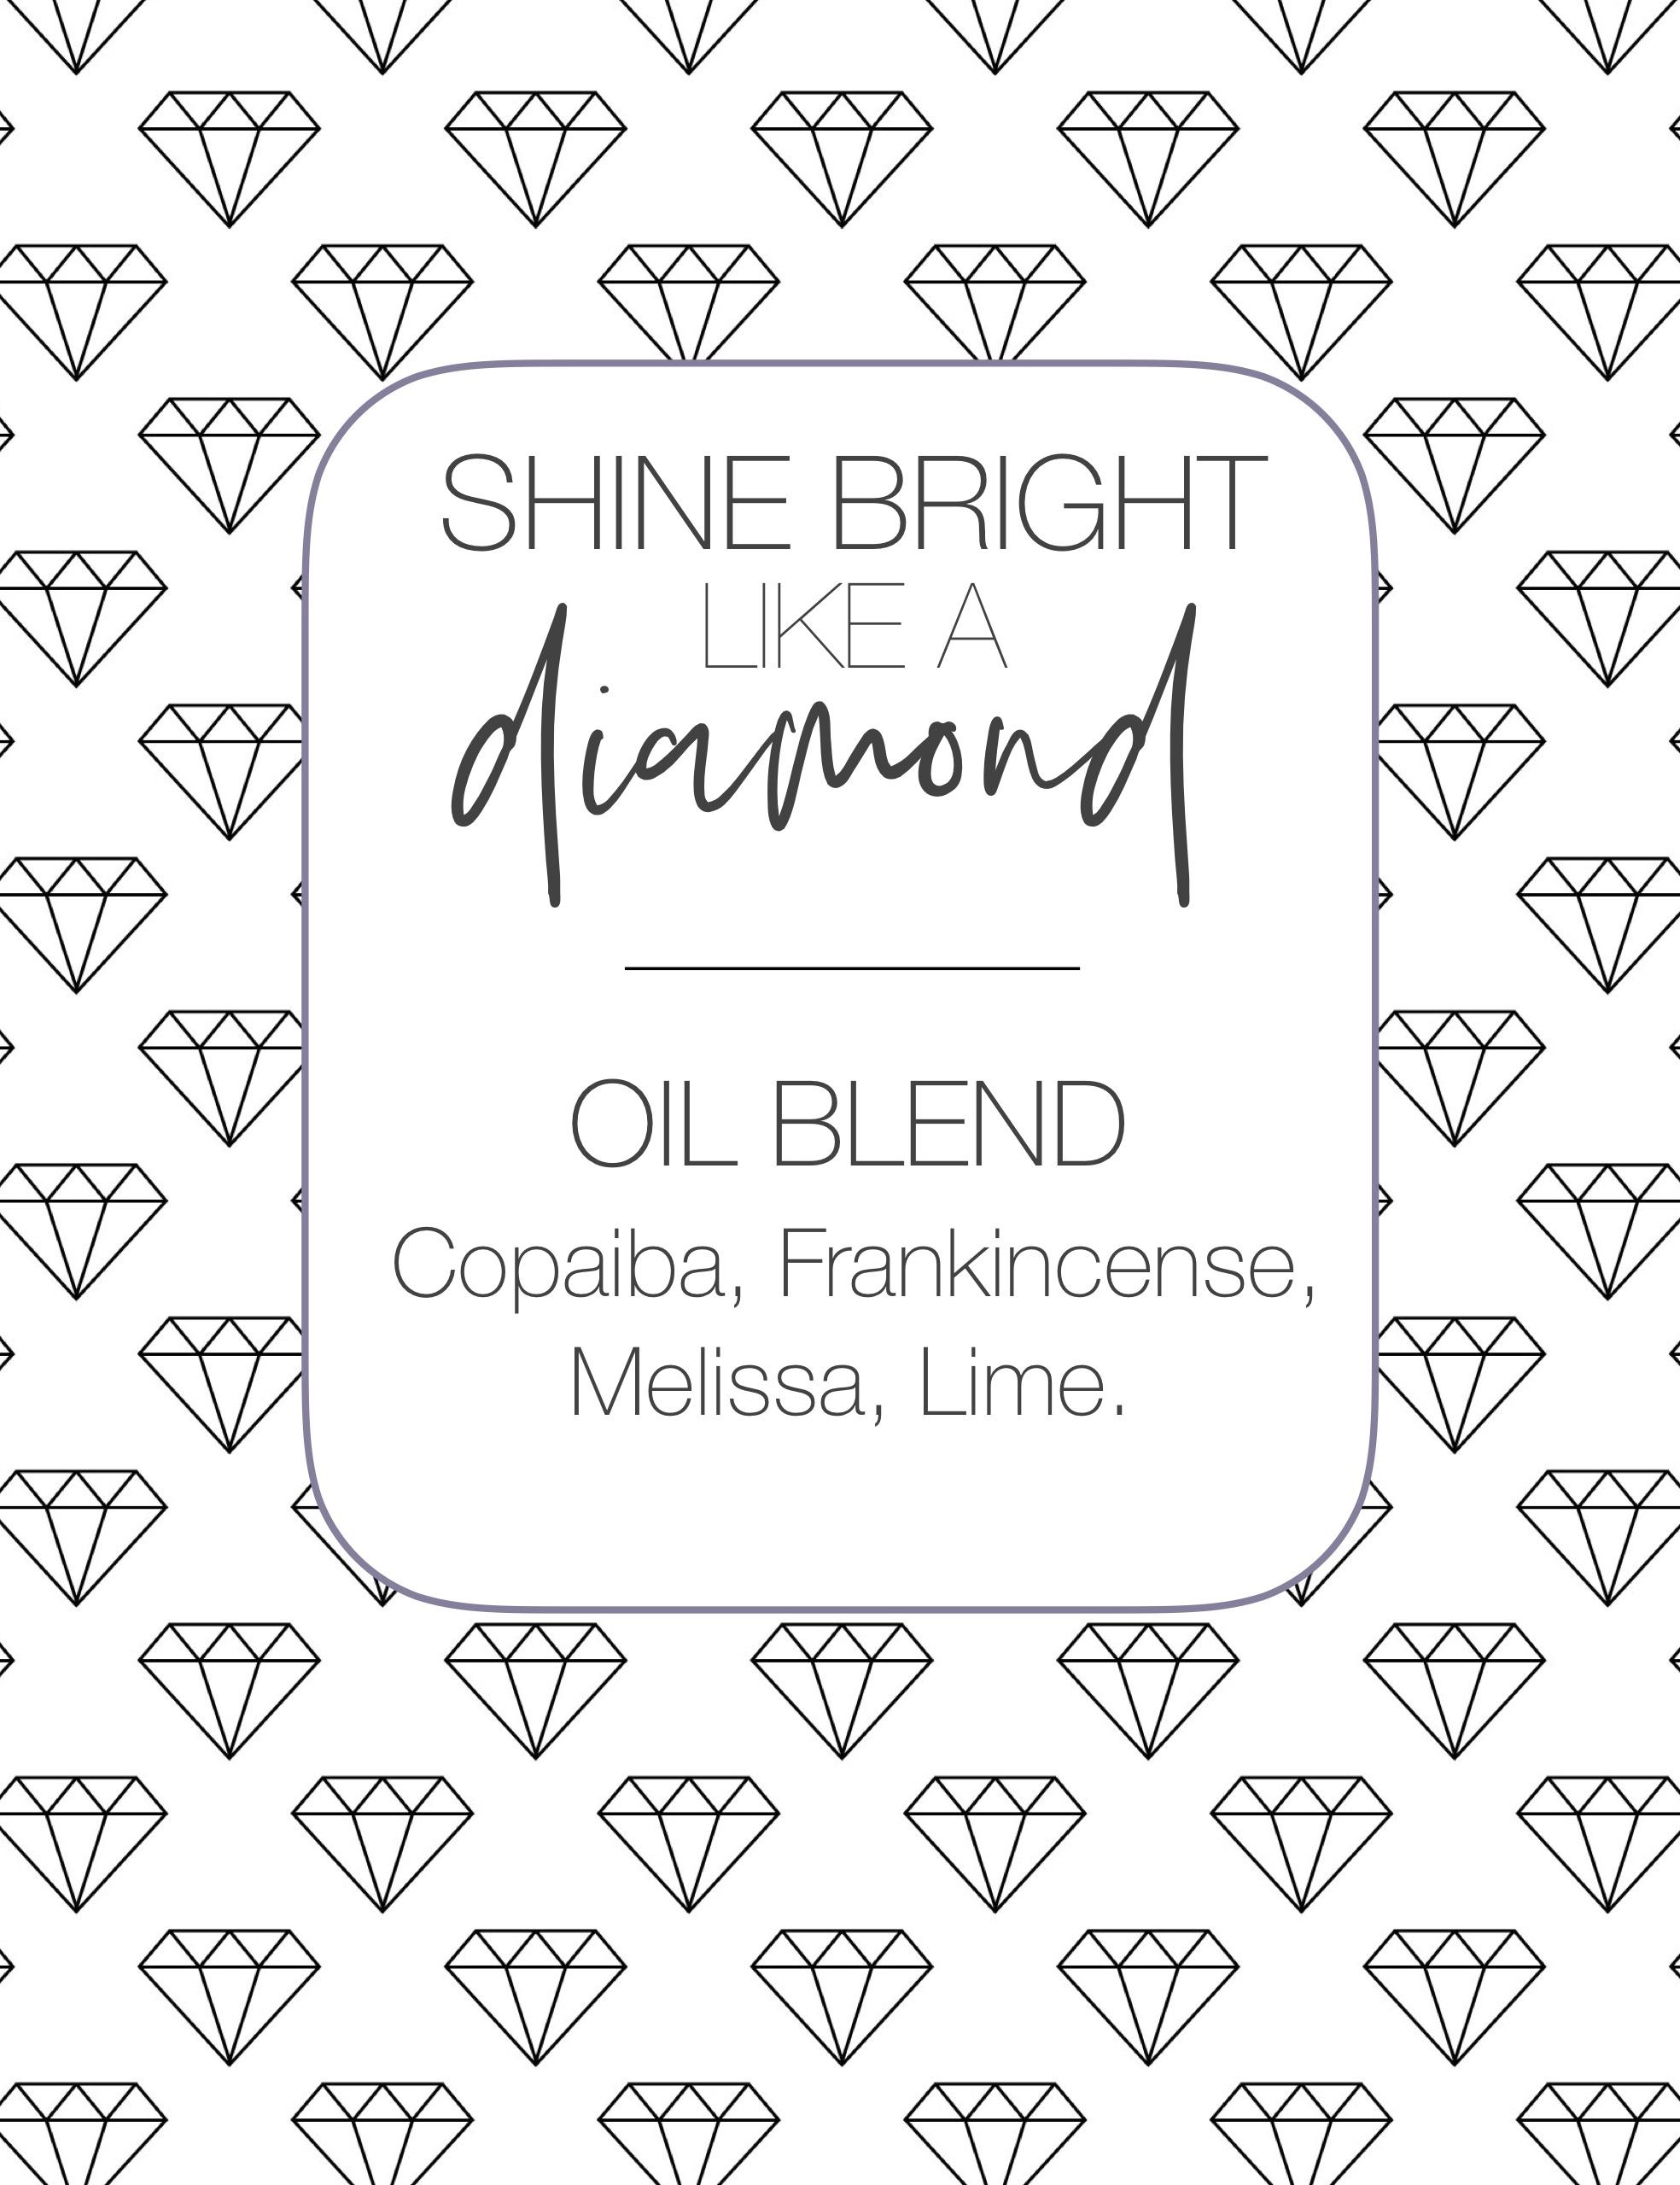 ShINe-Bright-LIke-A-Diamond-10ml-Roller-Bottle-Blend-JPEG.jpg